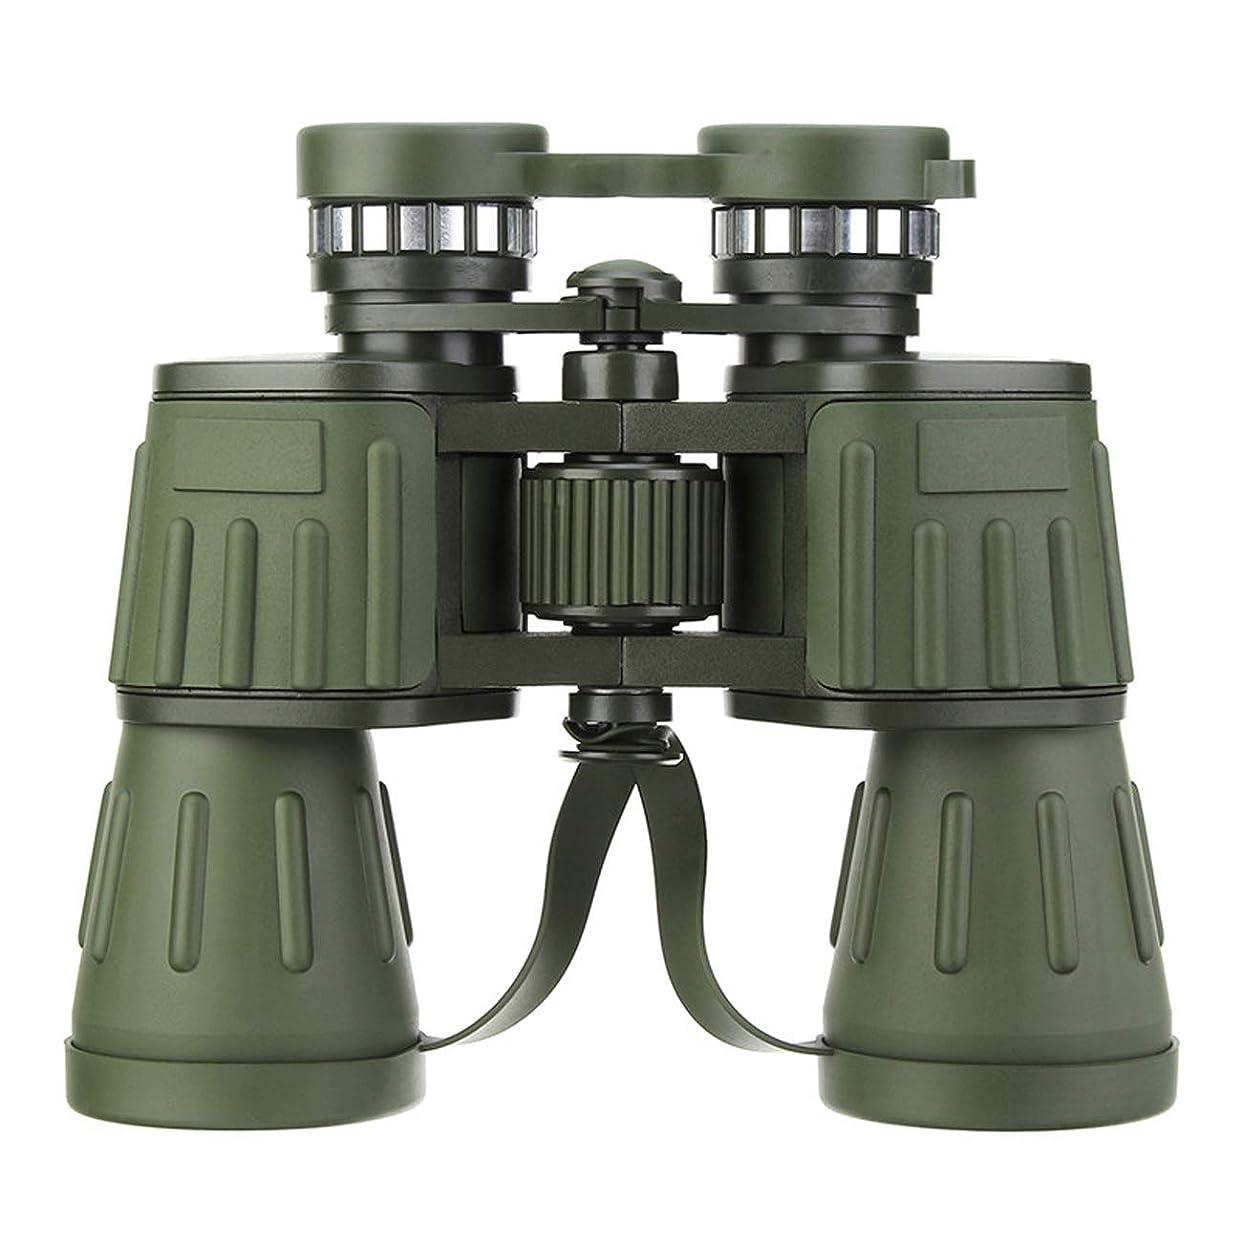 日曜日アパル外交問題ナイトビジョン10x50 HD双眼鏡ミリタリーズーム強力な狩猟光学天文学望遠鏡目的のアイピース調整